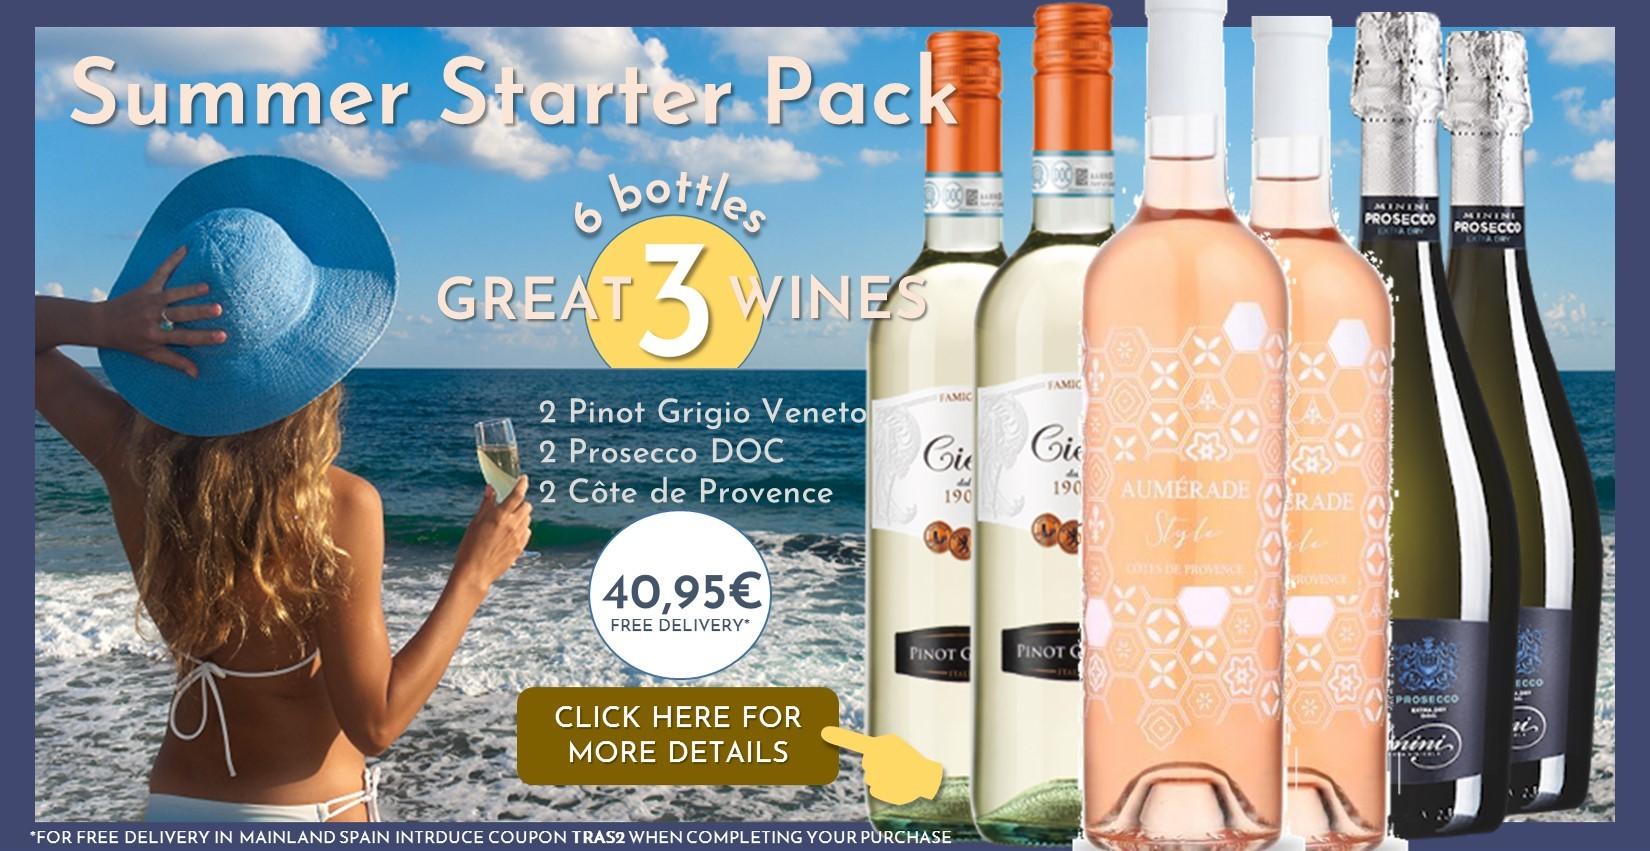 Summer Starter Pack